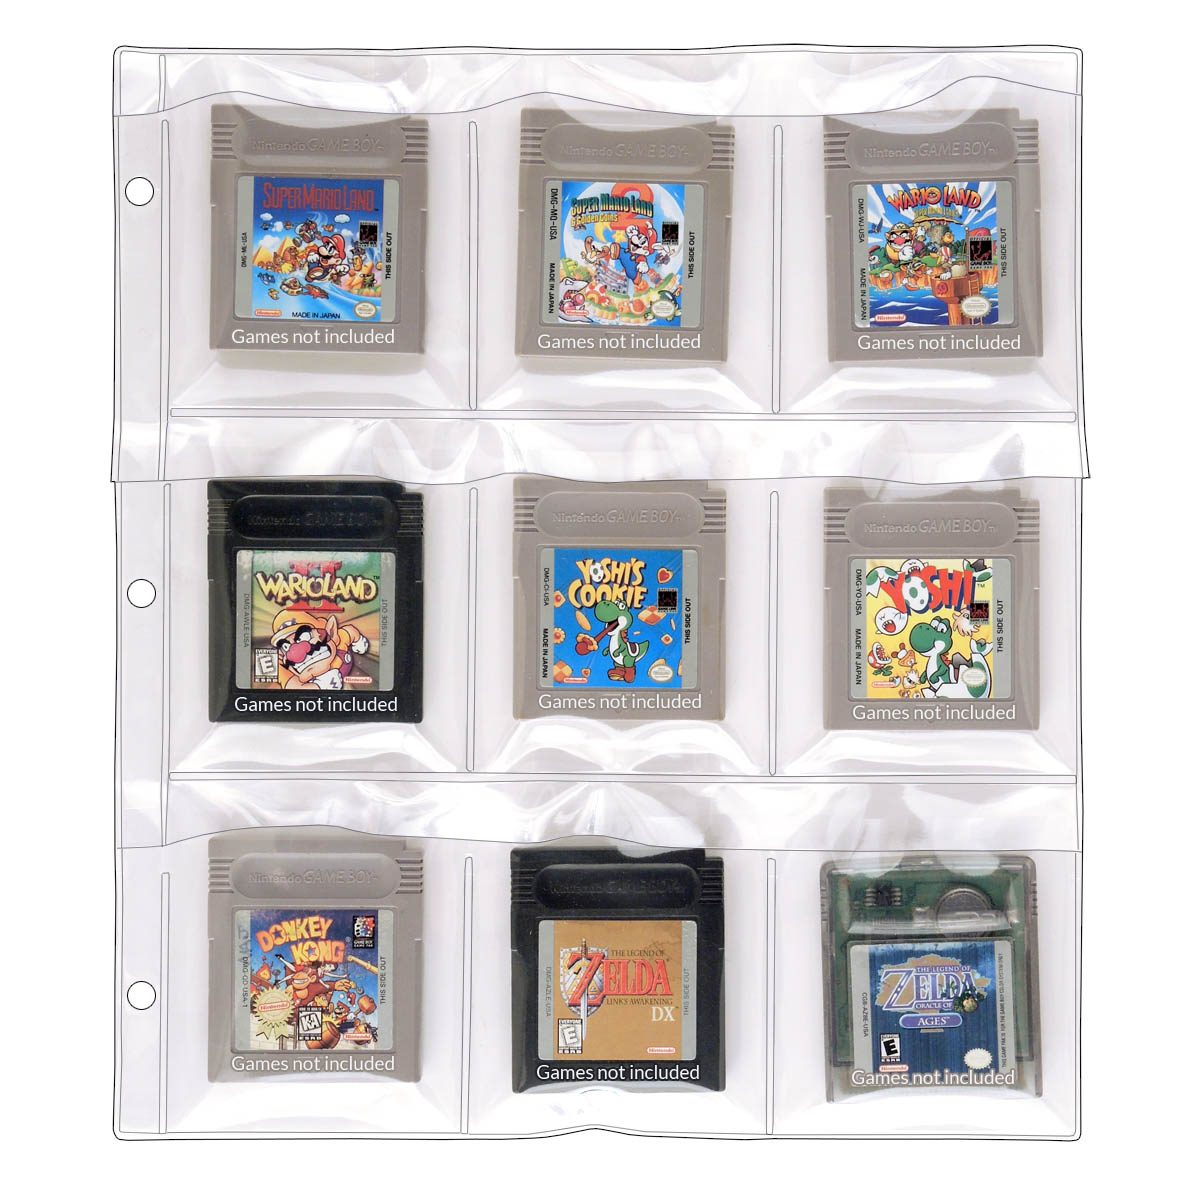 9-Pocket Binder Page For GameBoy Cartridges: StoreSMART